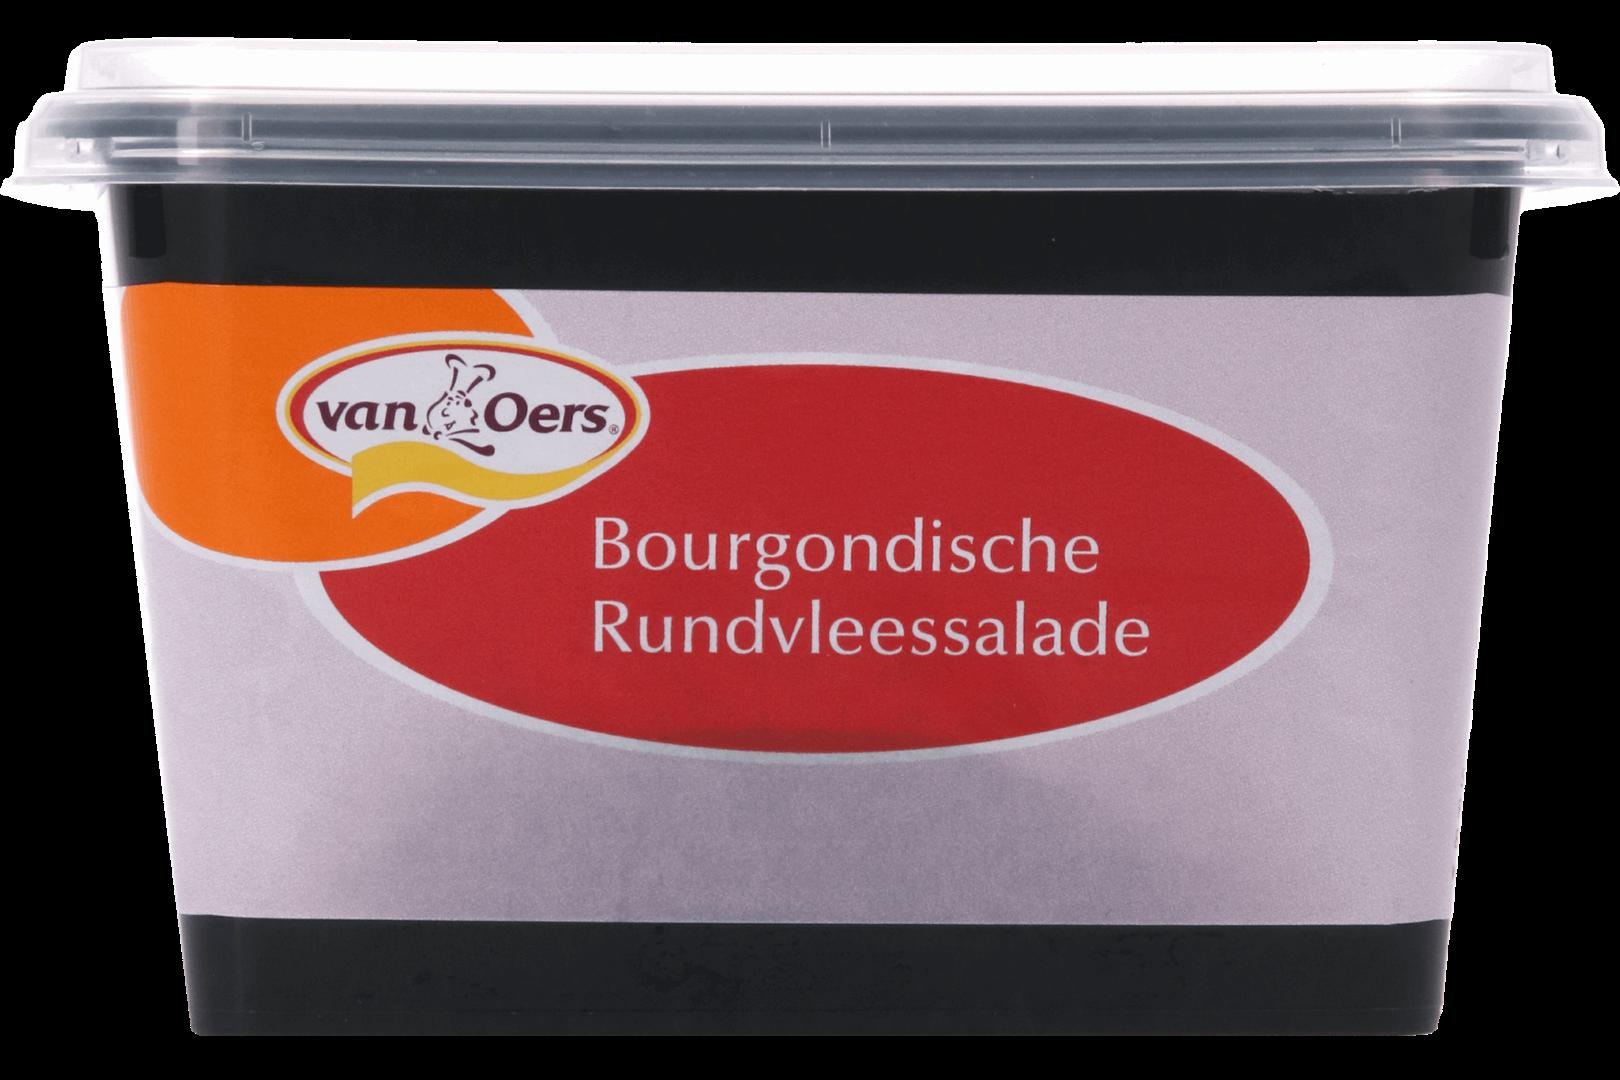 Productafbeelding Van Oers Bourgondische rundvleessalade 1kg